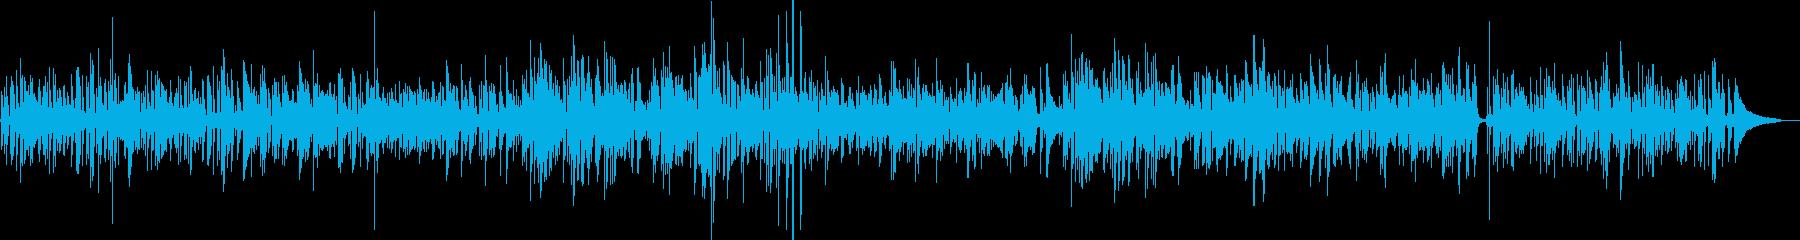 明るいボサノバ調の再生済みの波形